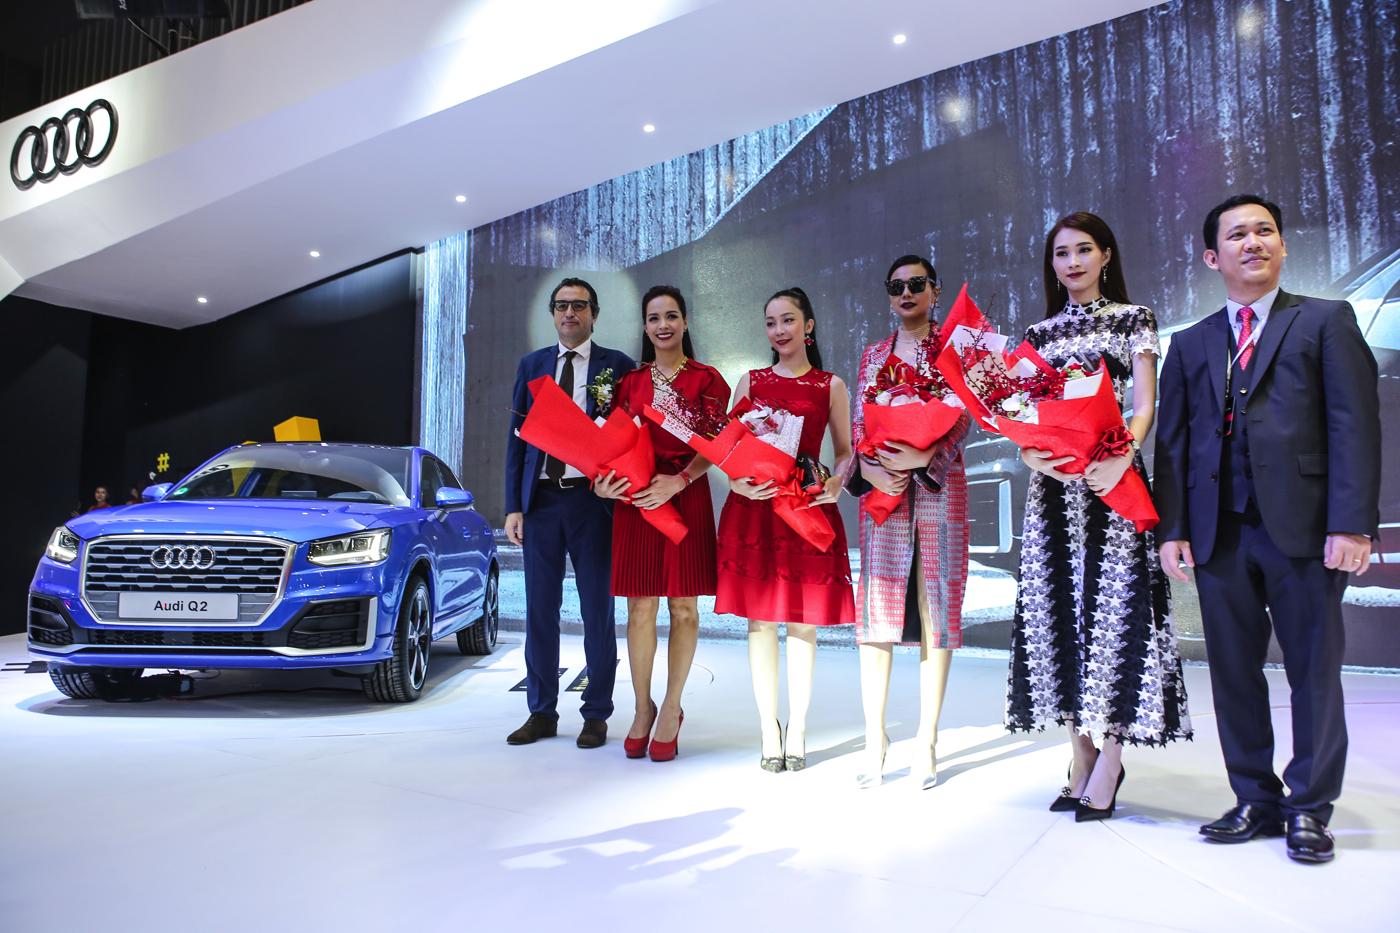 Audi Q2 cùng dàng sao trong sự kiện.